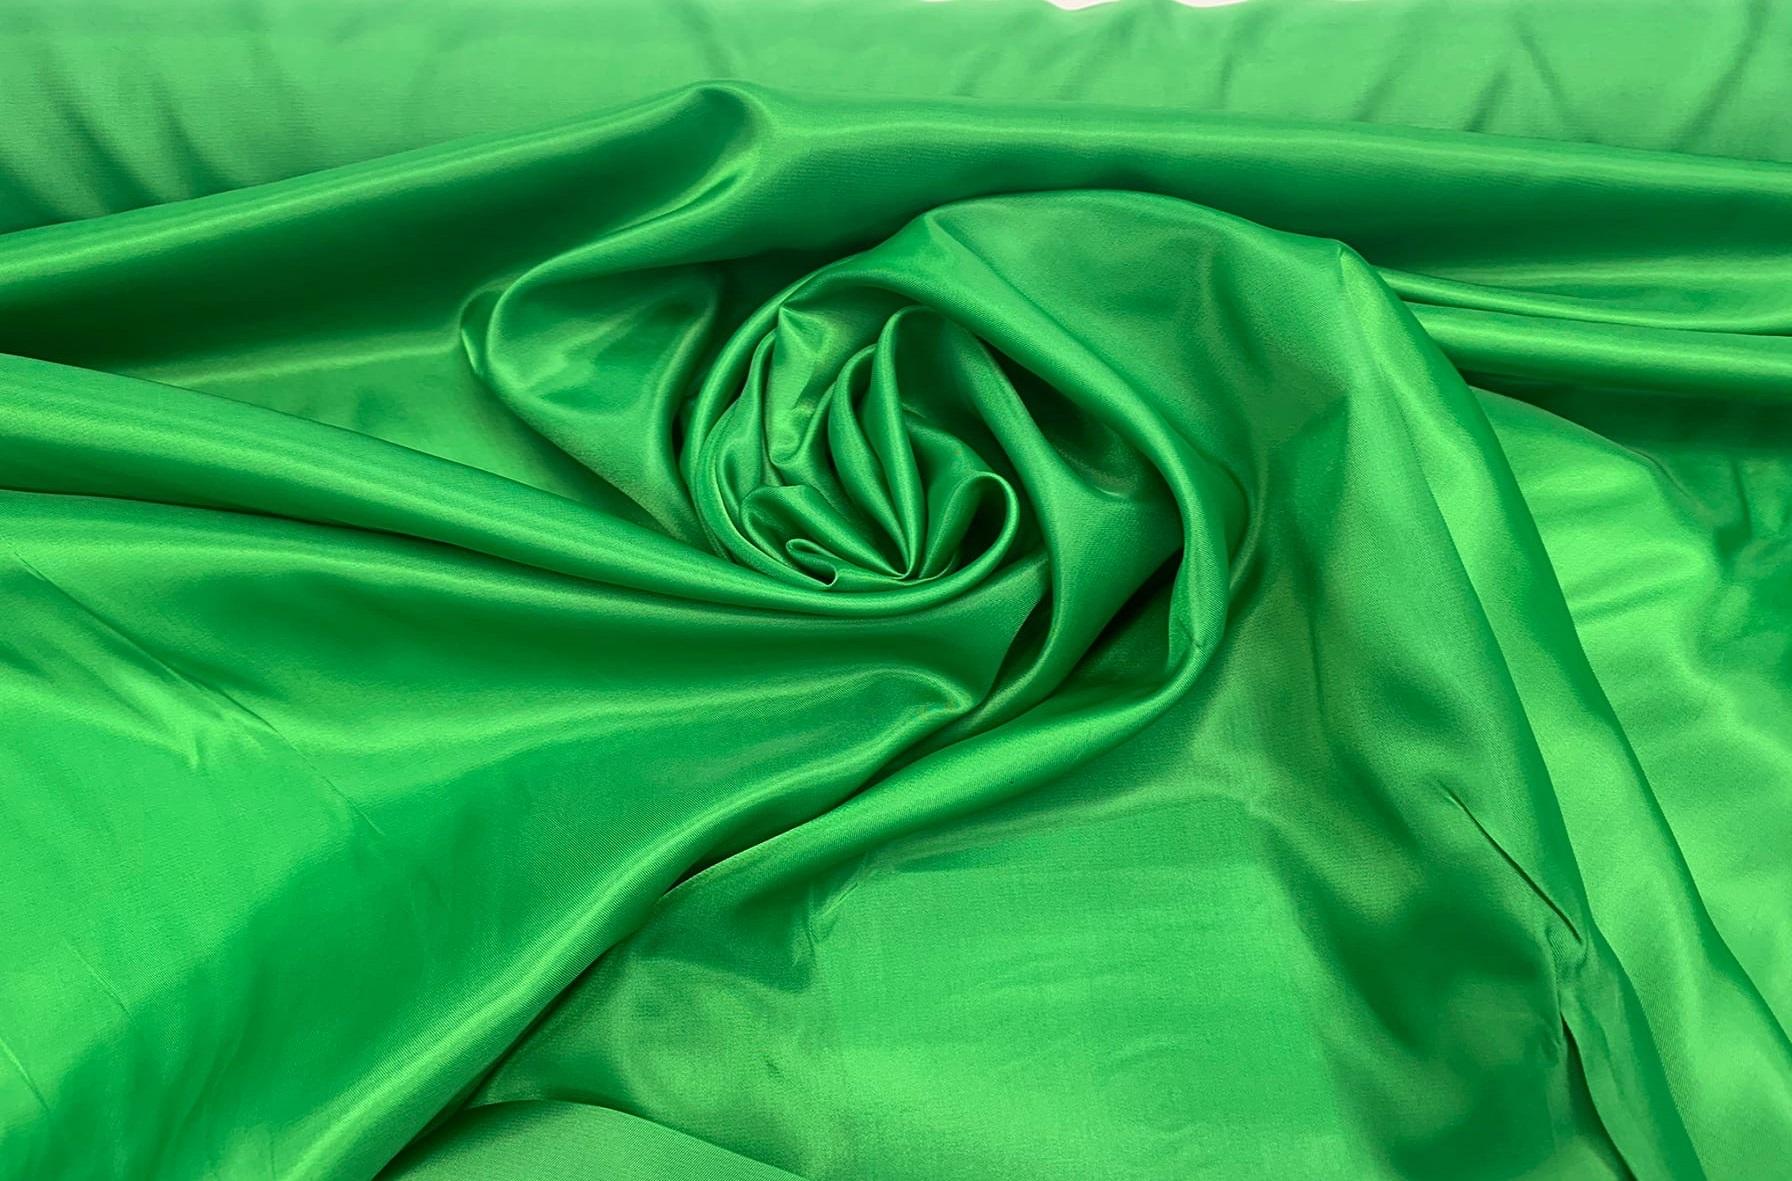 купить ткань на флаги